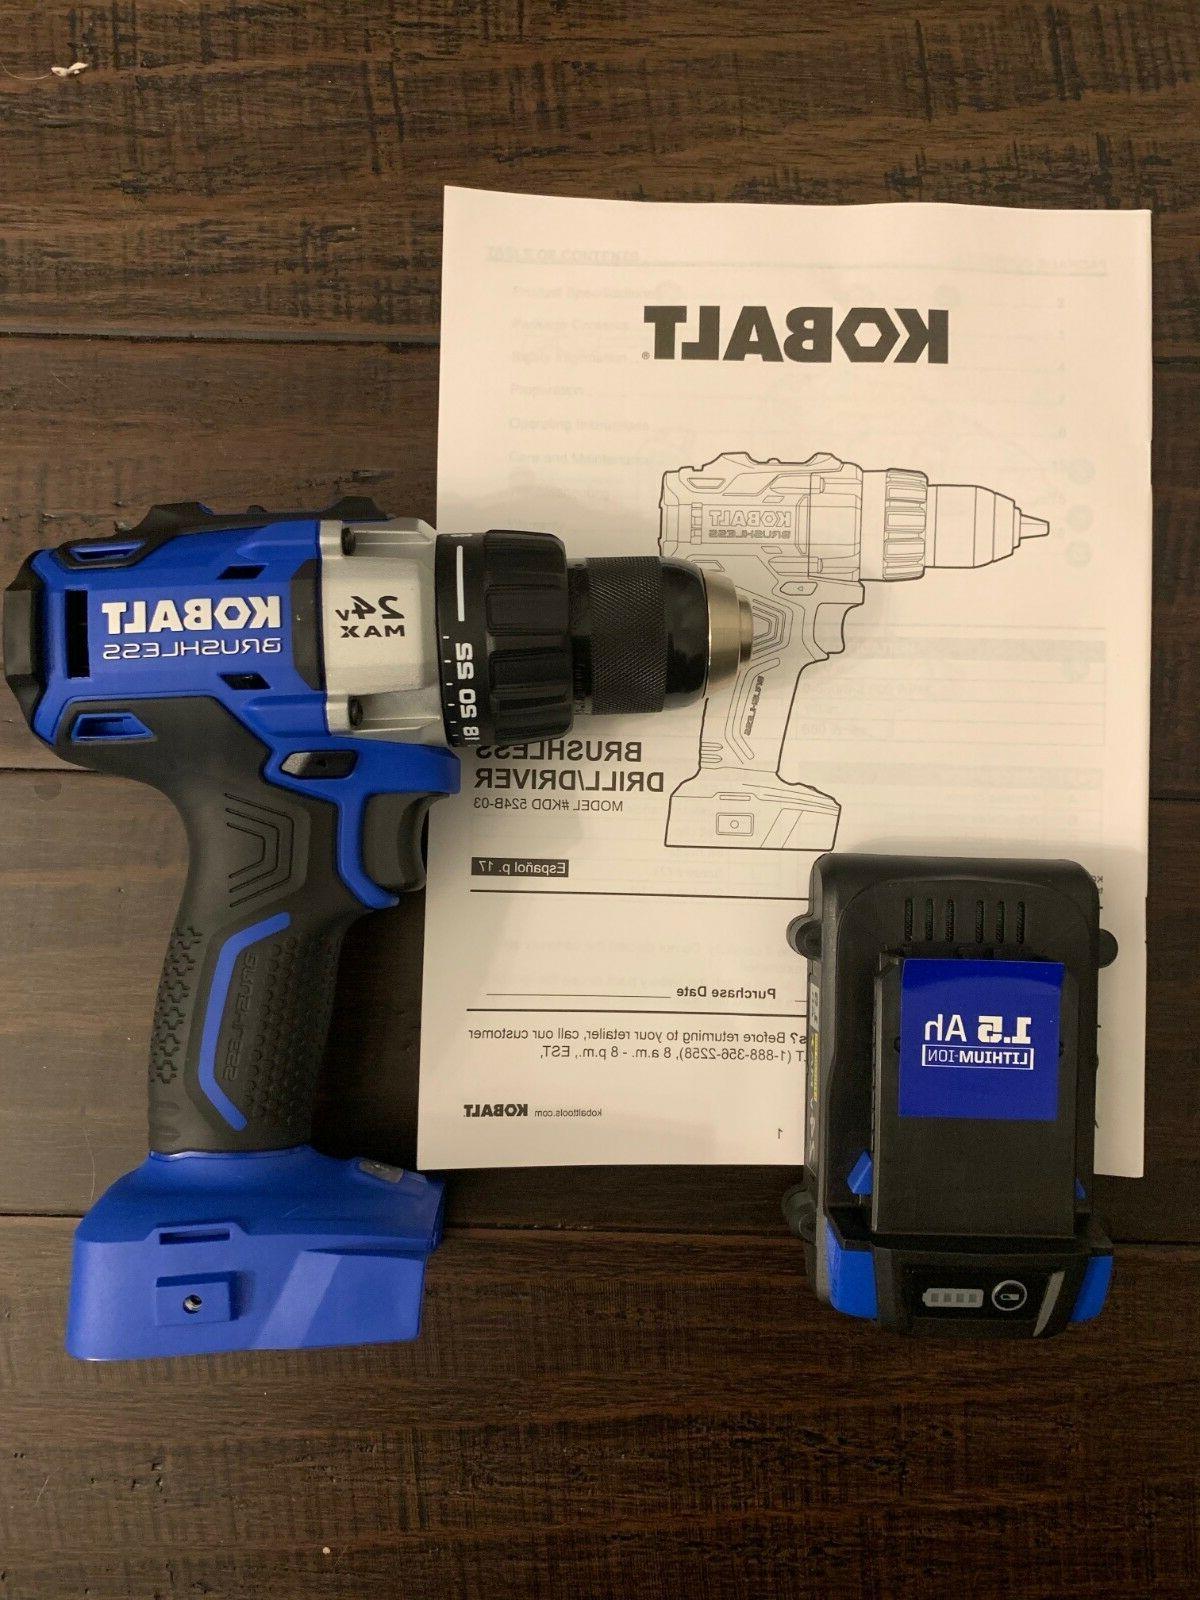 new 24v volt max brushless cordless drill